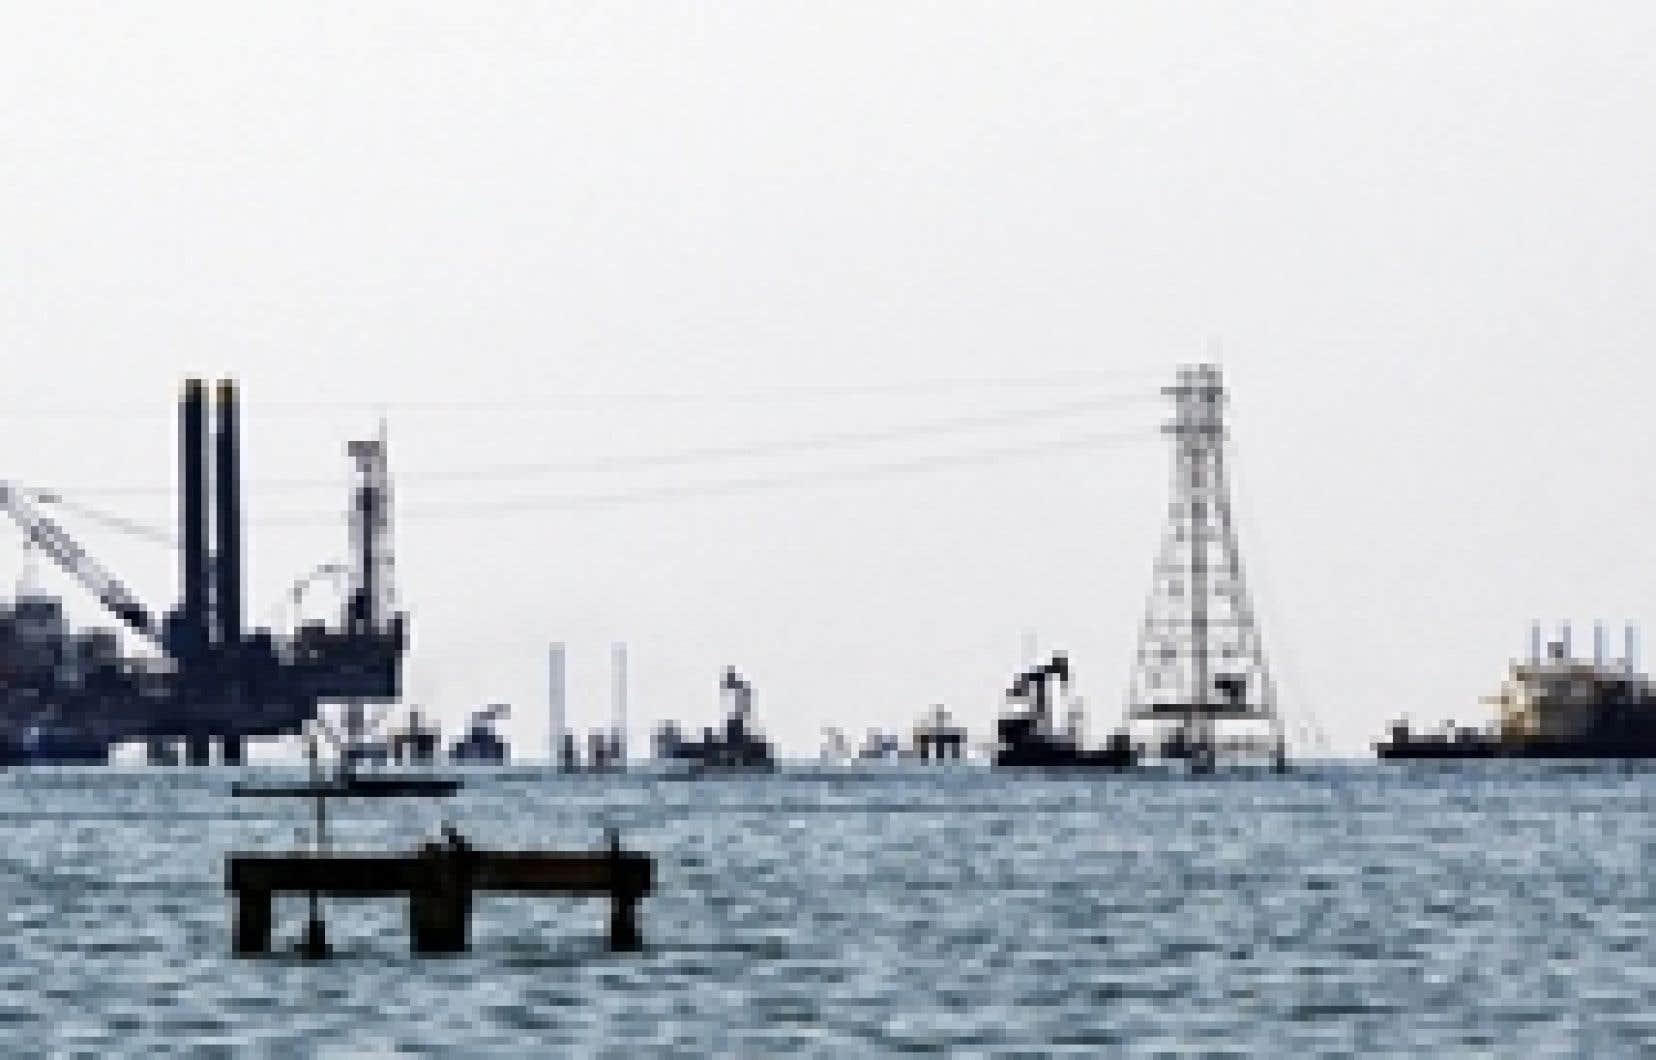 Le risque de perturbations accrues sur le marché mondial du pétrole survient justement à une période où le niveau de l'offre inquiète, de nombreux intervenants jugeant l'approvisionnement précaire par rapport à la demande.